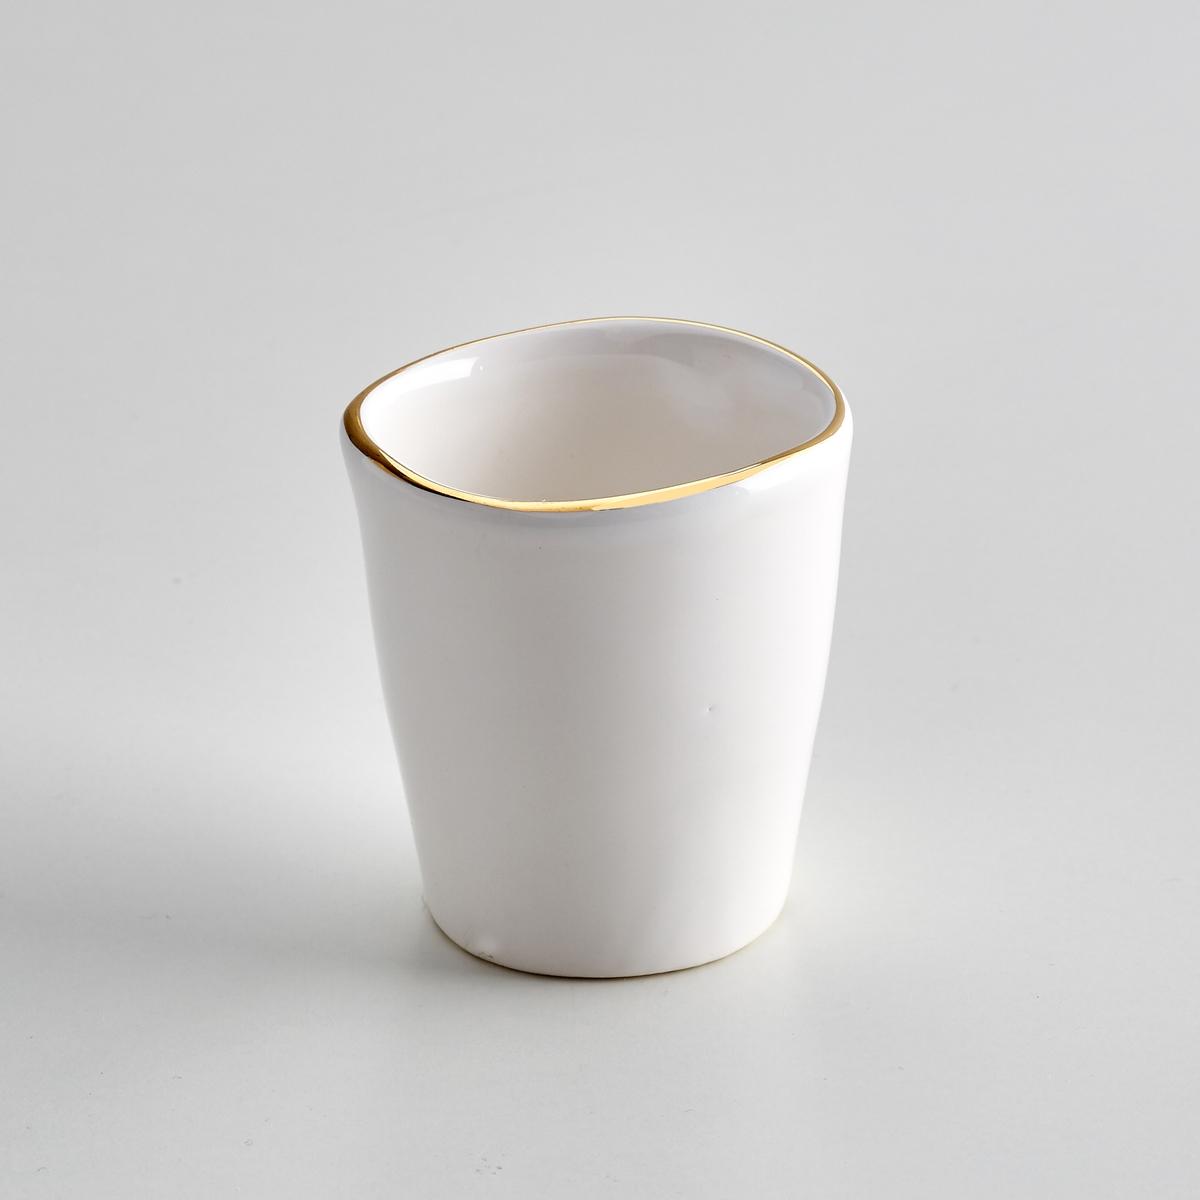 Комплект из 4 кофейных чашек из фаянса, Catalpa<br><br>Цвет: белый<br>Размер: единый размер